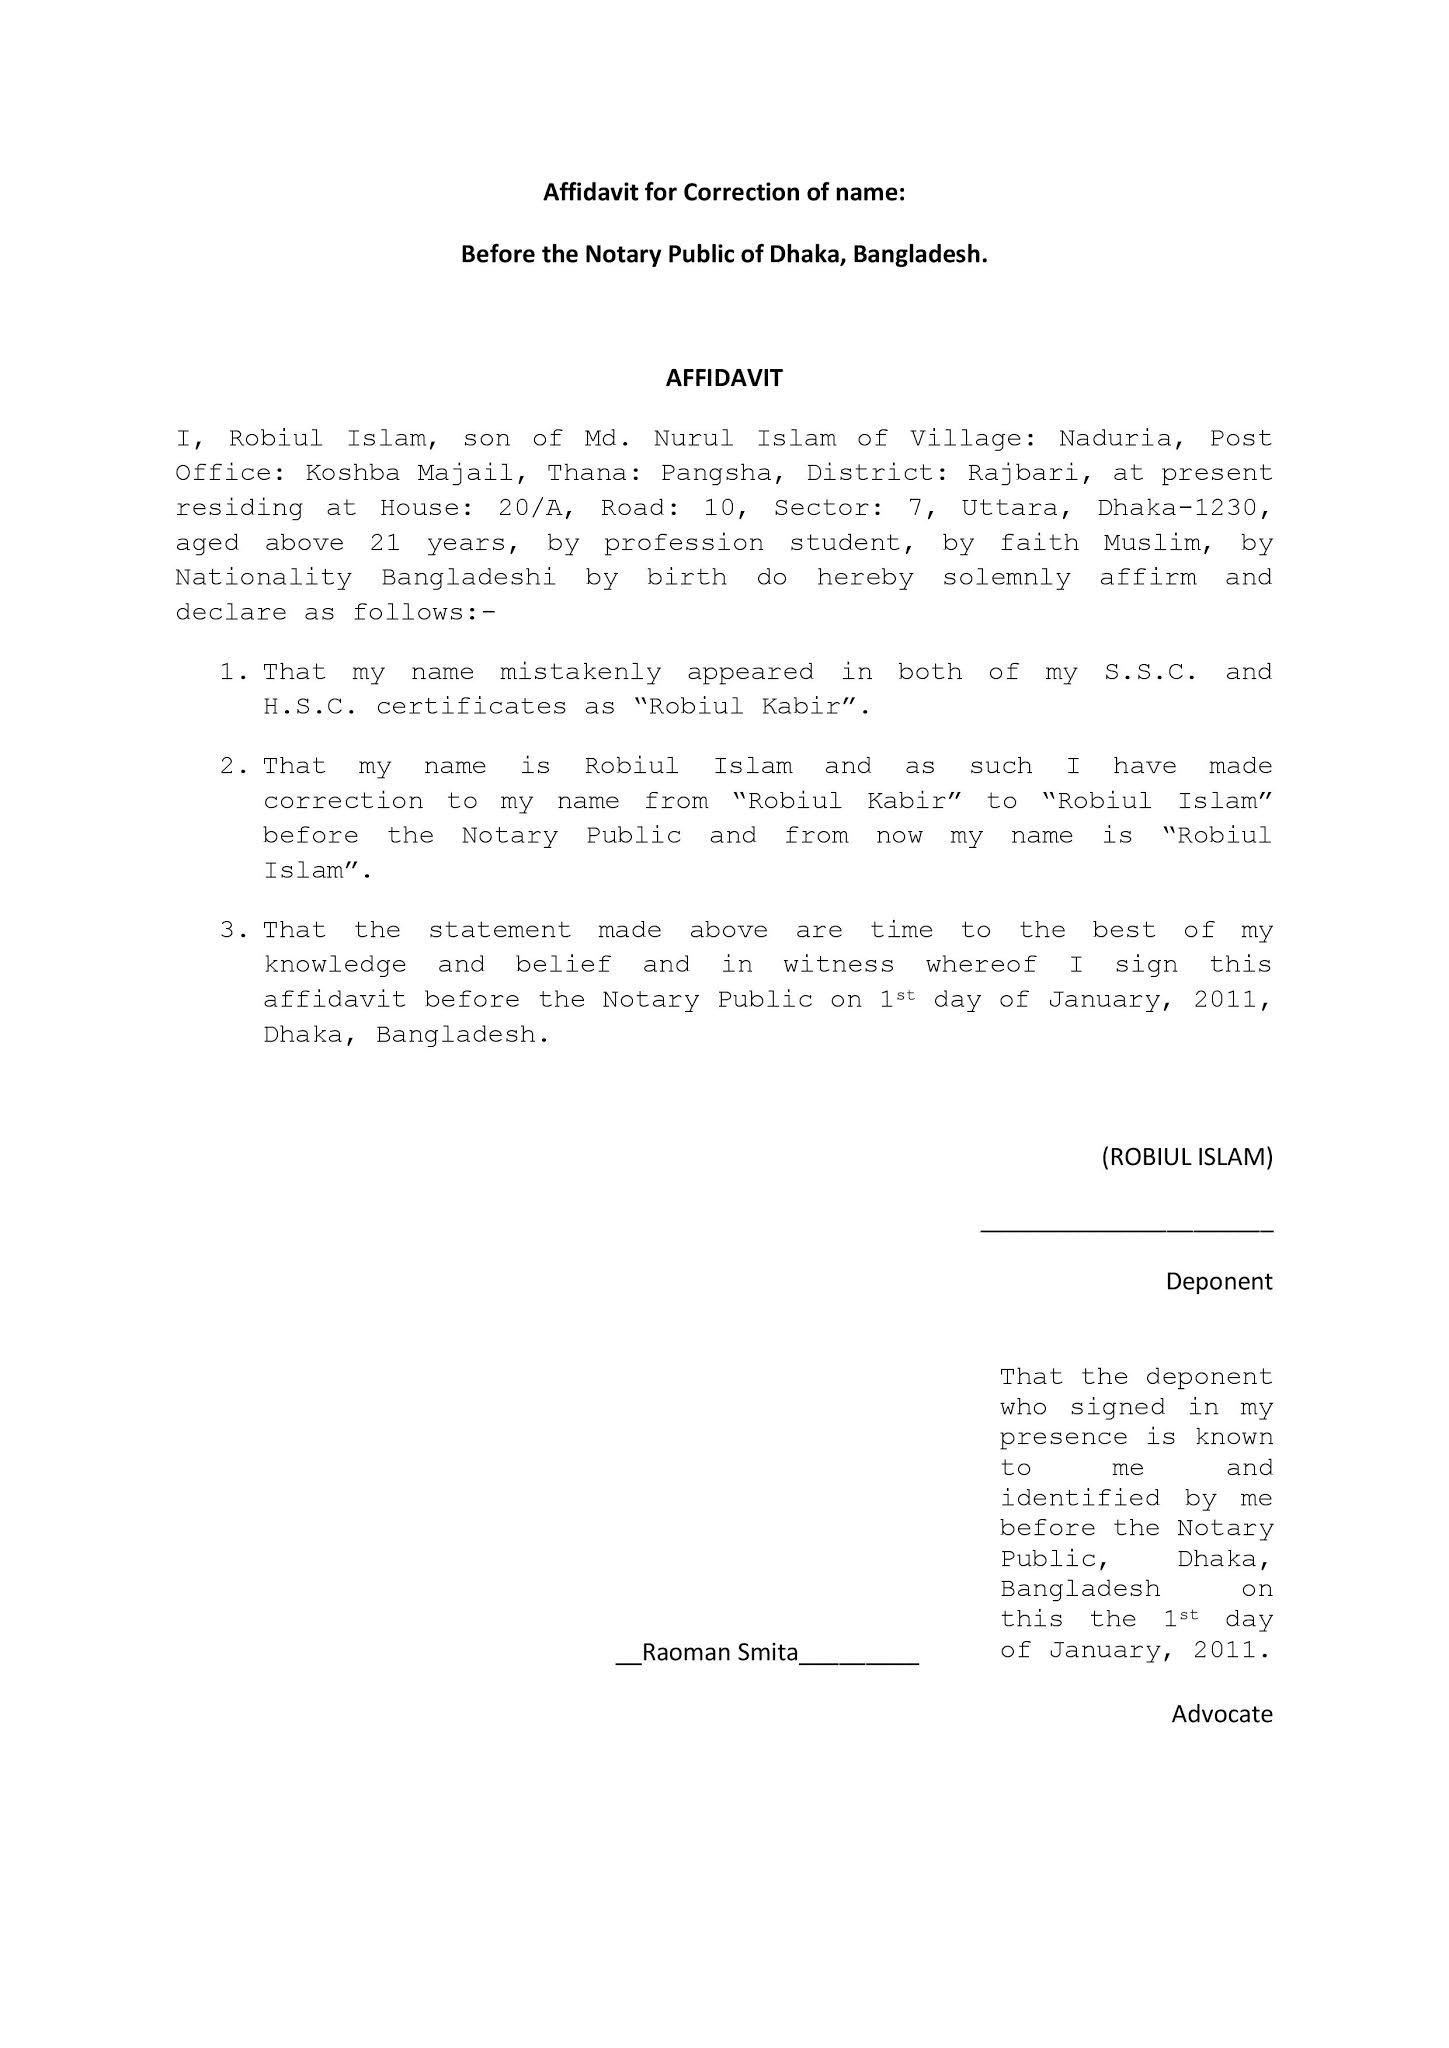 Affidavit For Correction of Name